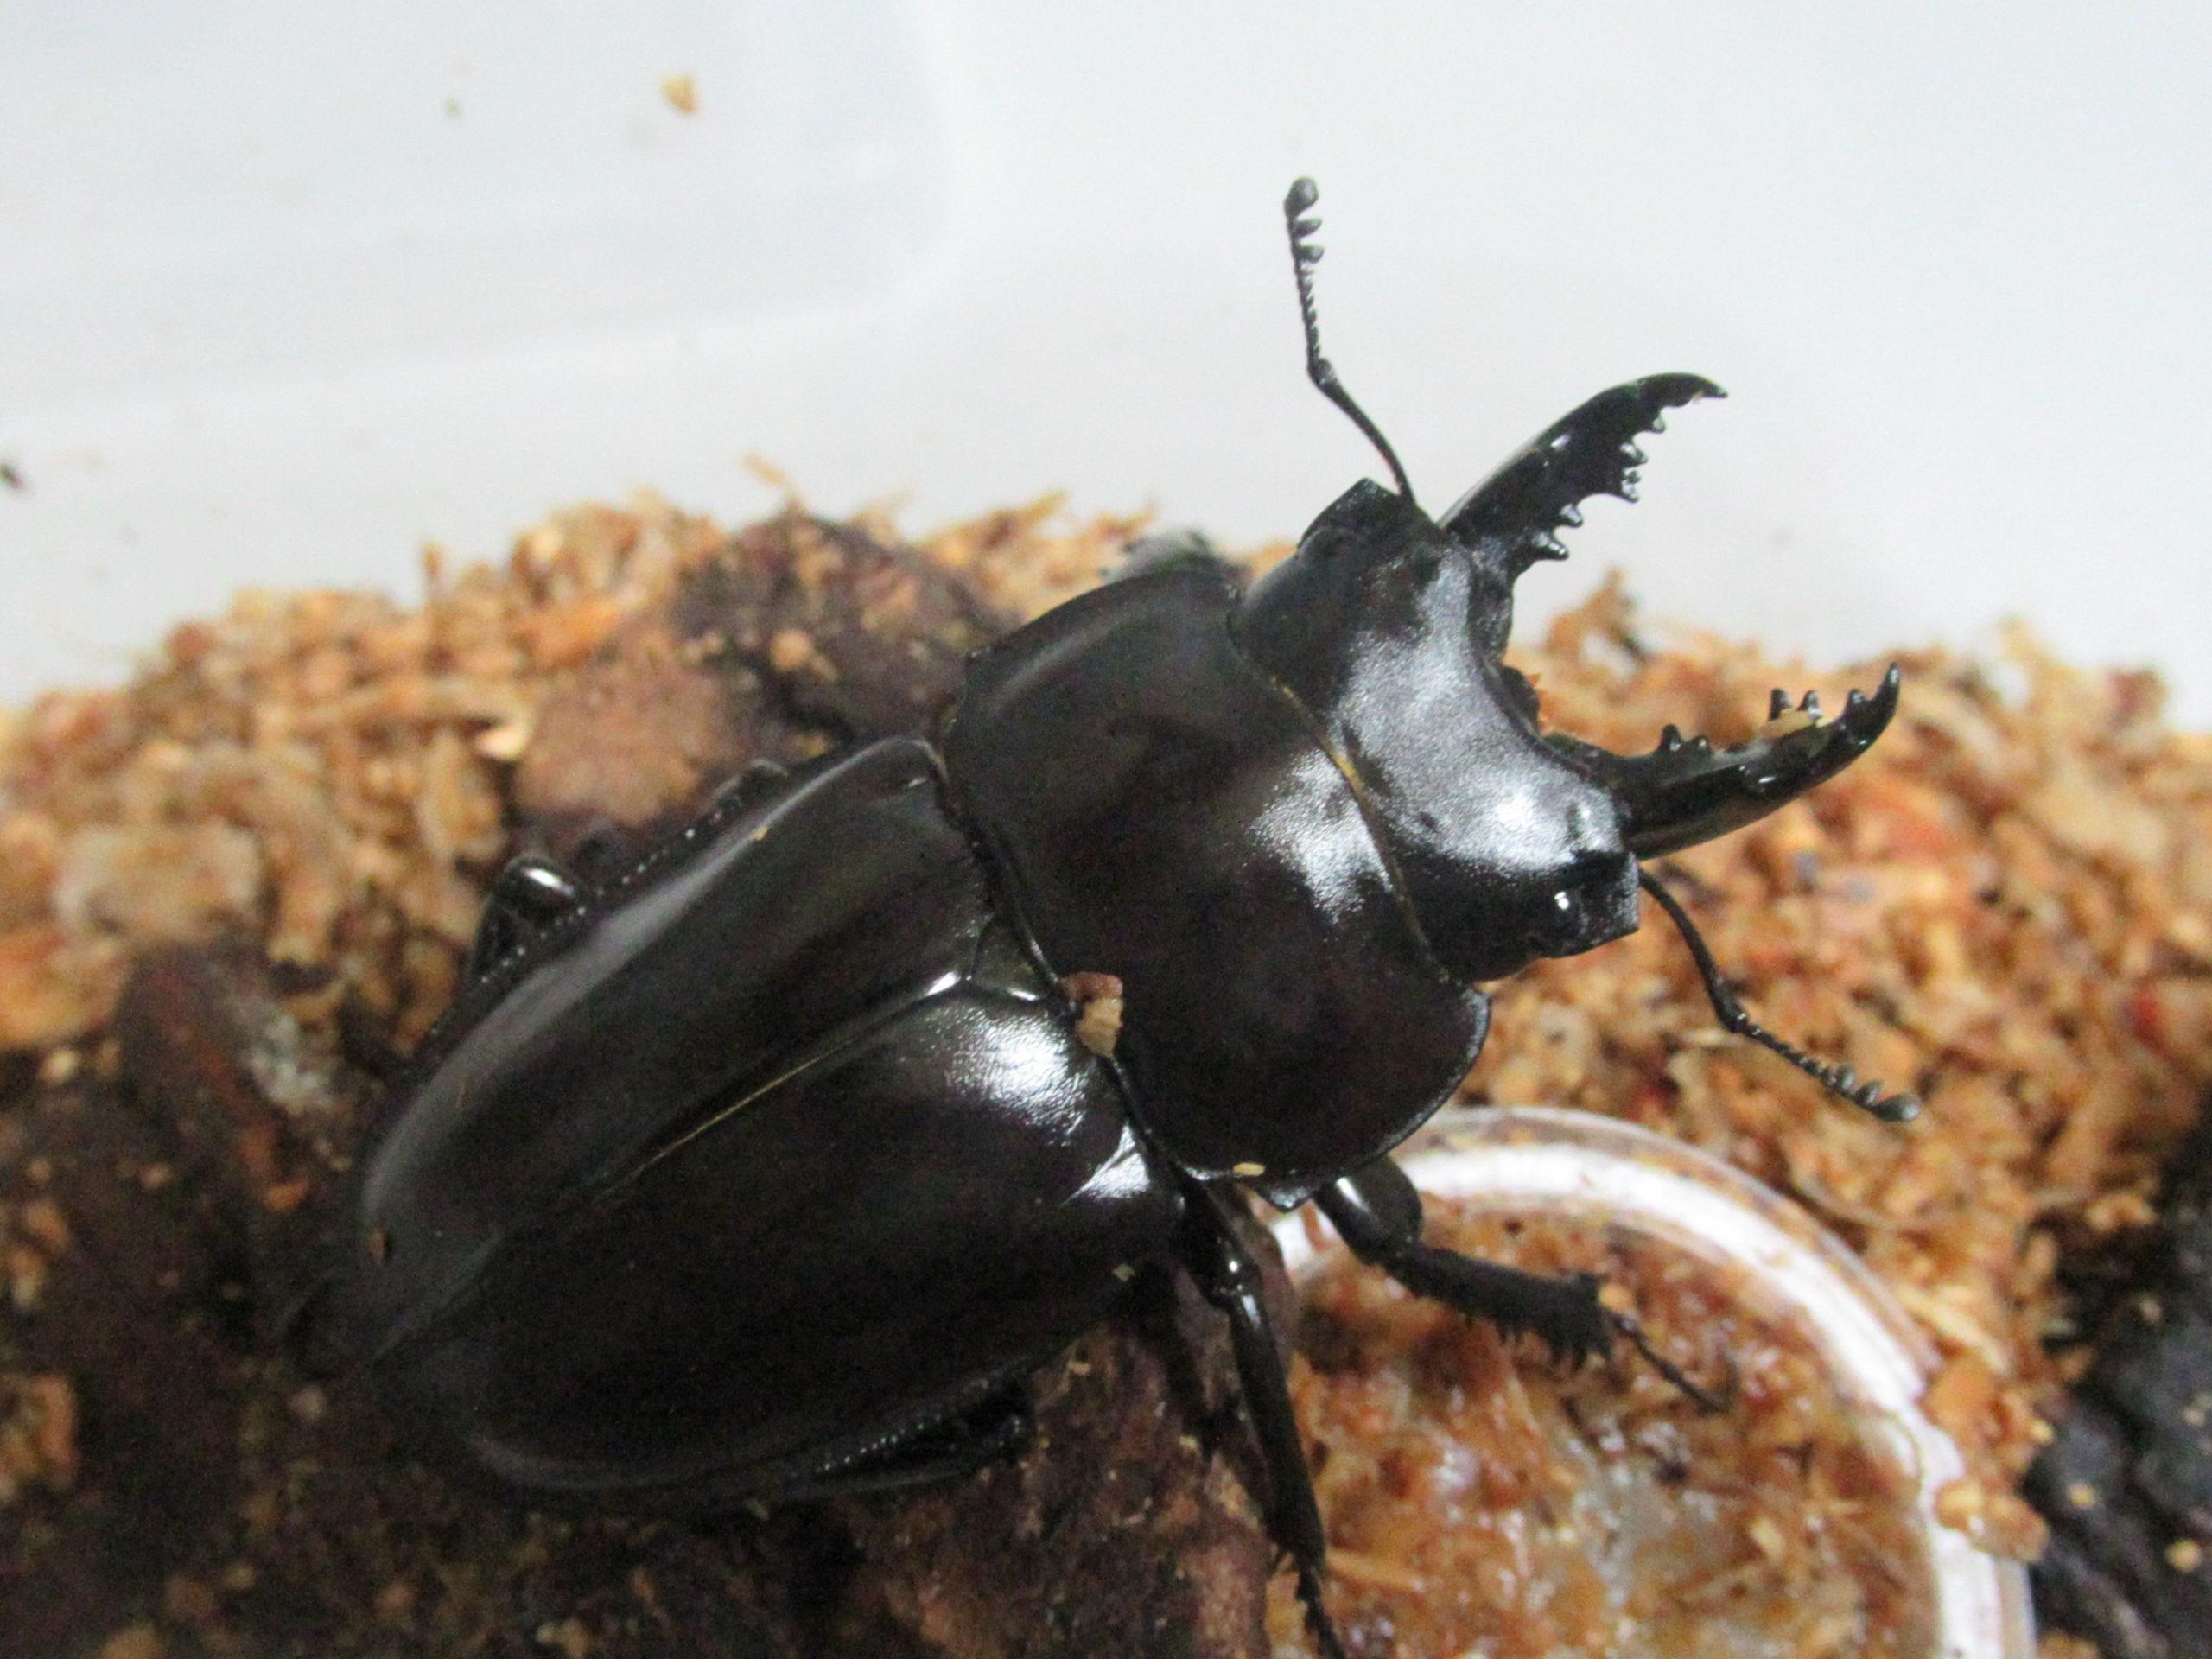 ヤエヤママルバネクワガタの成虫飼育の様子(生体写真館)